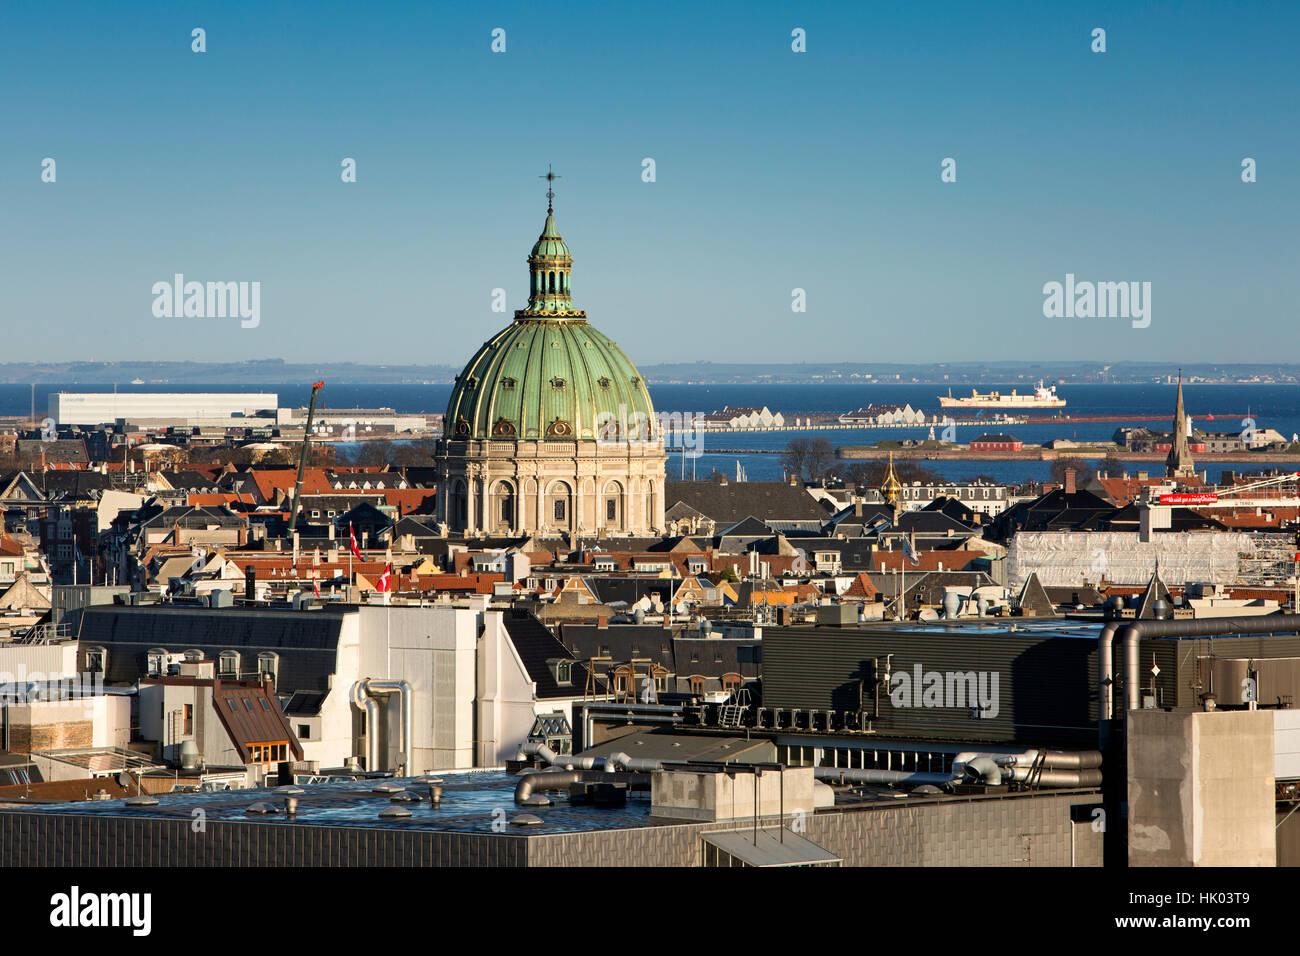 Dänemark, Kopenhagen, grüne Kuppel von Frederiks Kirke, Marmorkirche, erhöhten Blick vom Turm der Stockbild